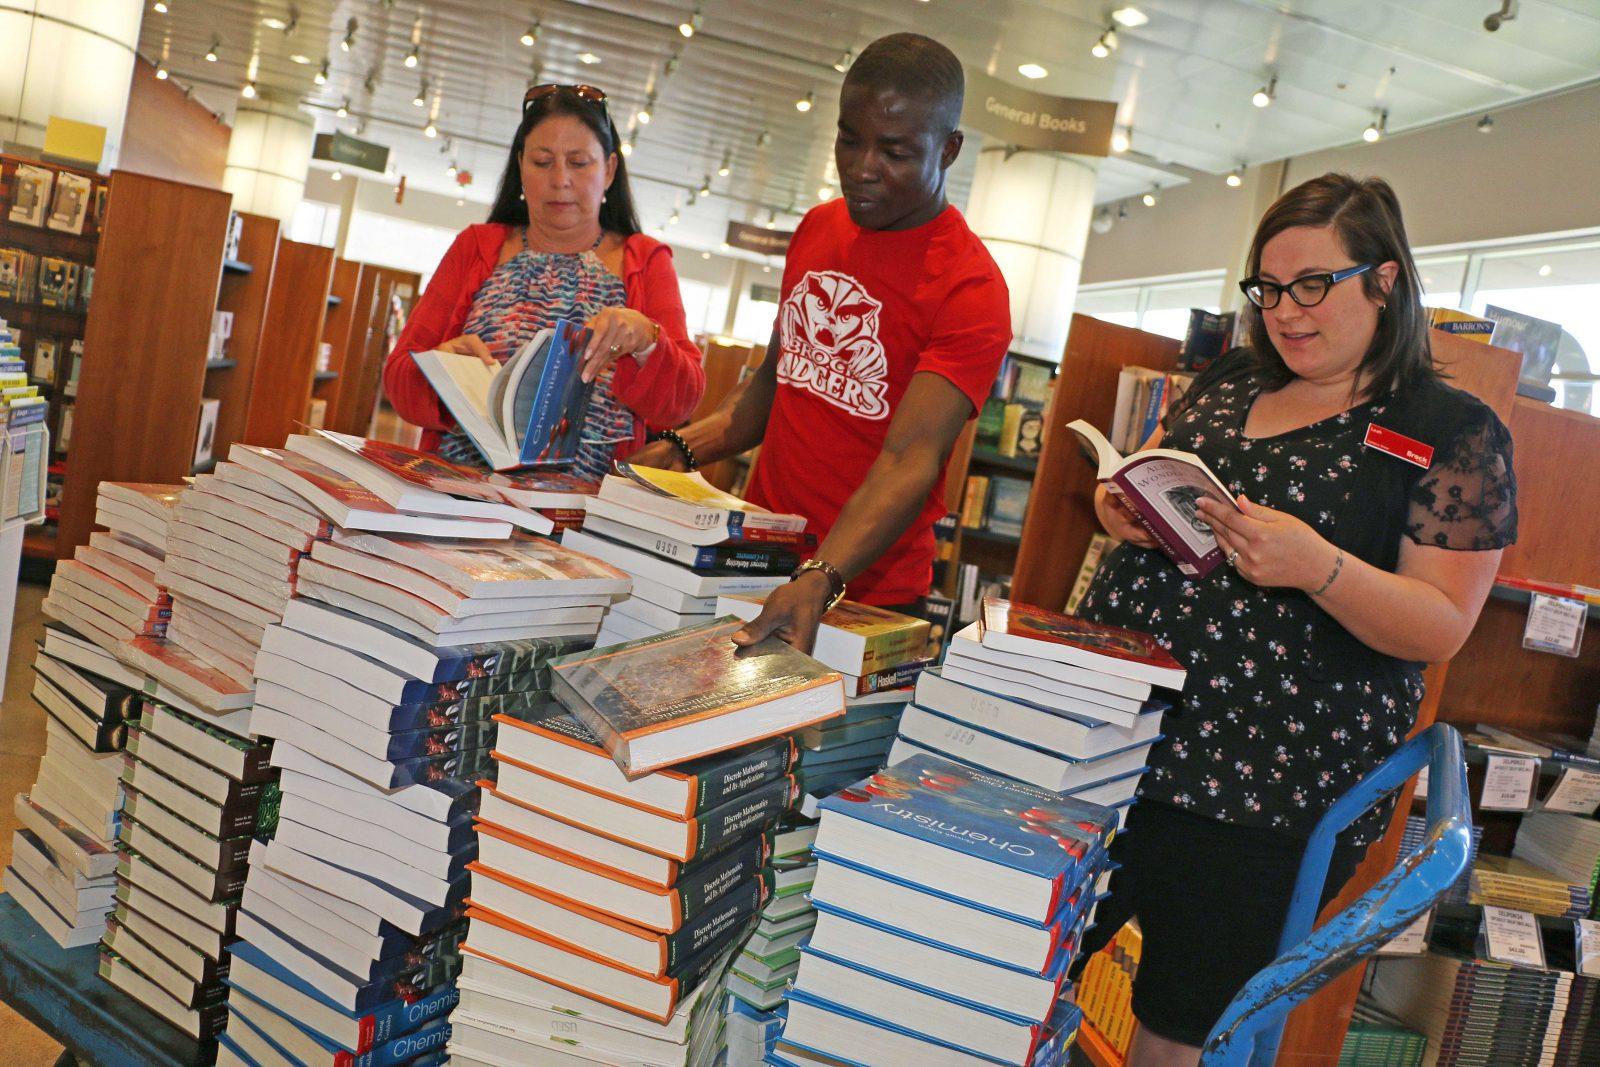 Books for Ghana